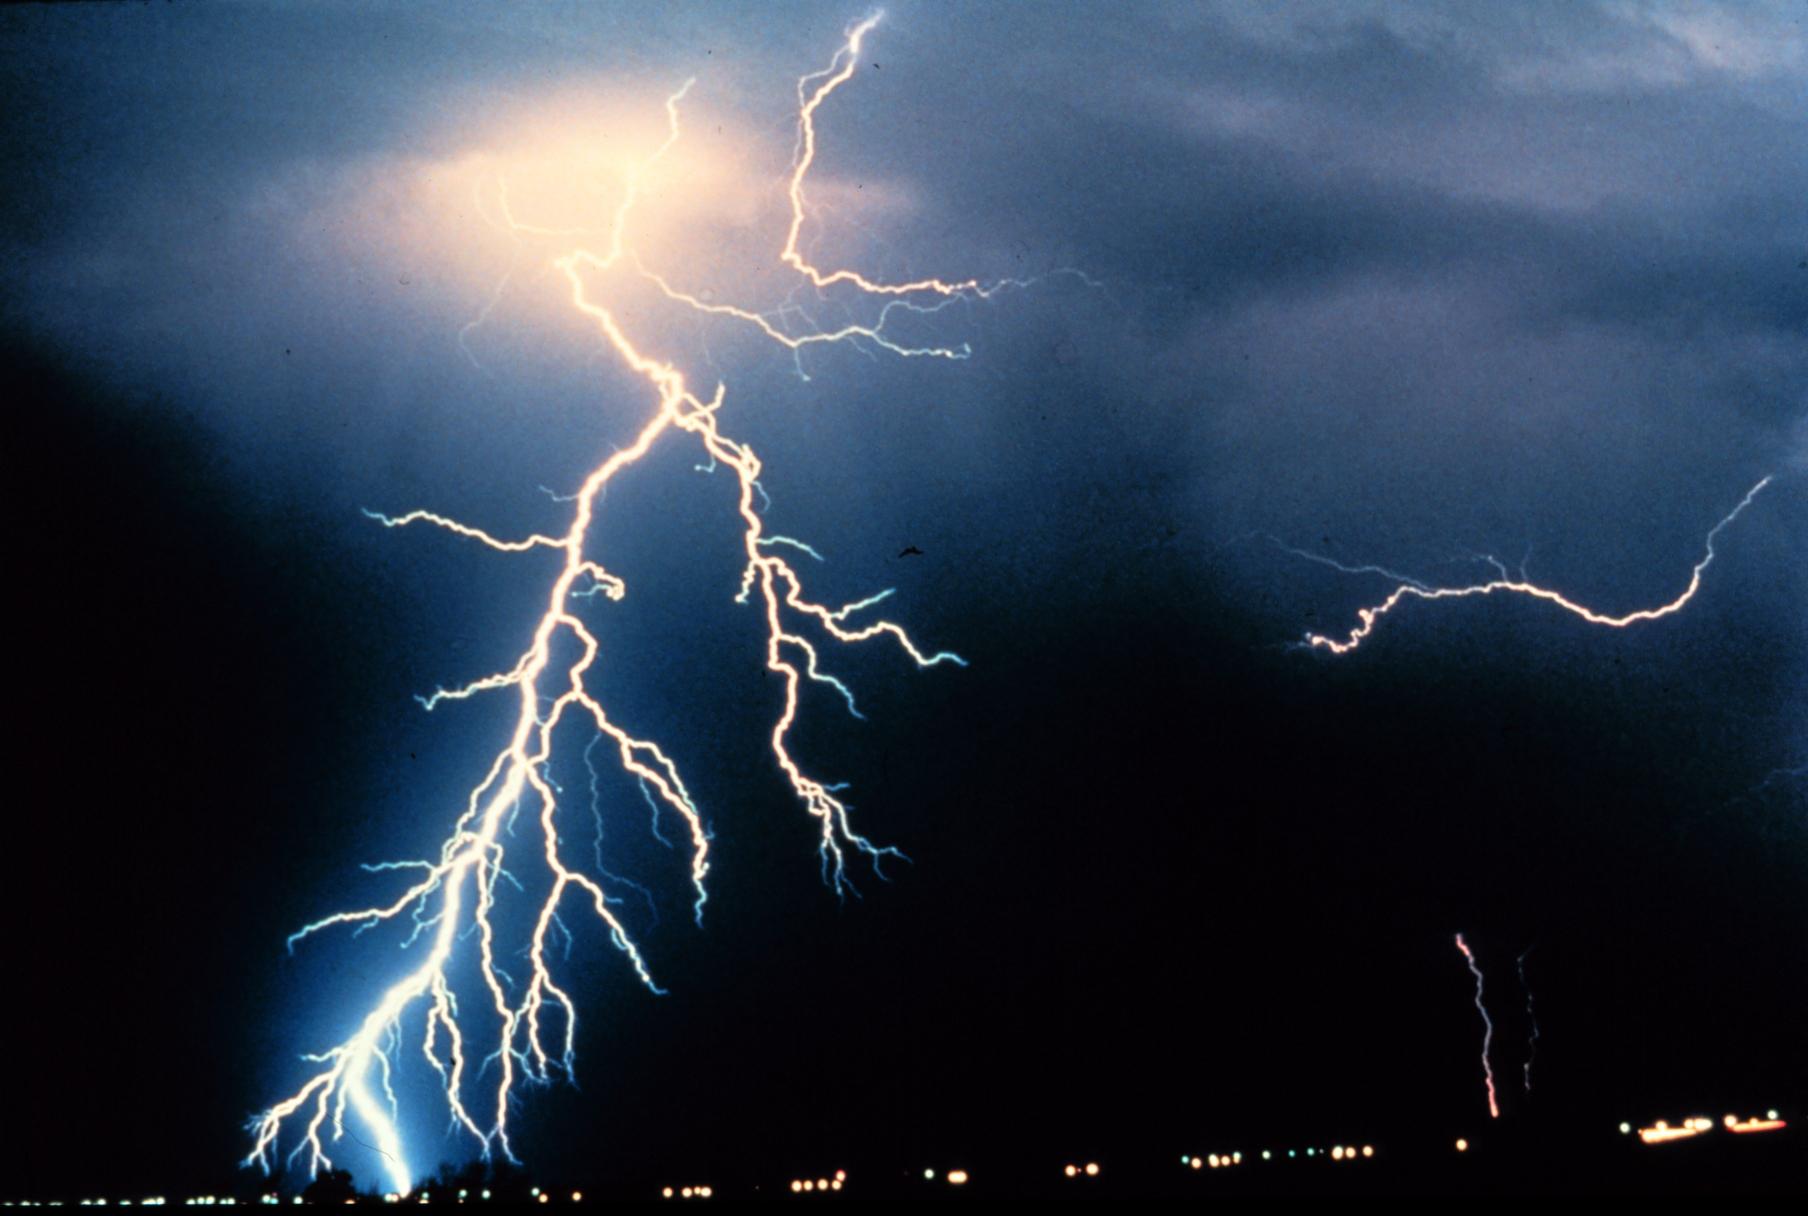 hvordan opstår lyn og torden